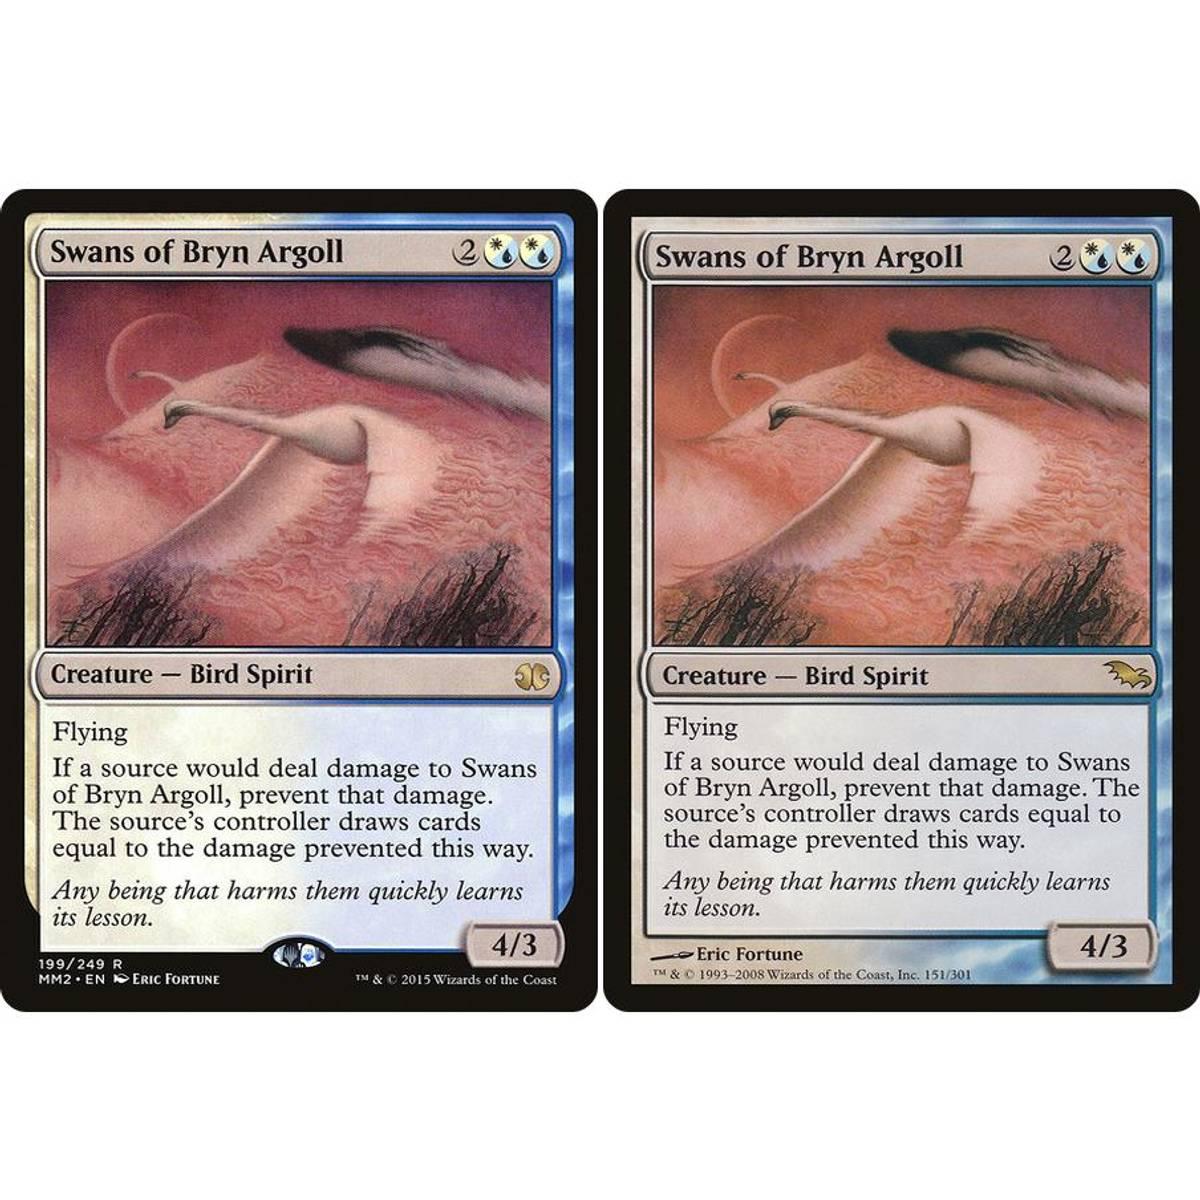 Swans of Bryn Argoll